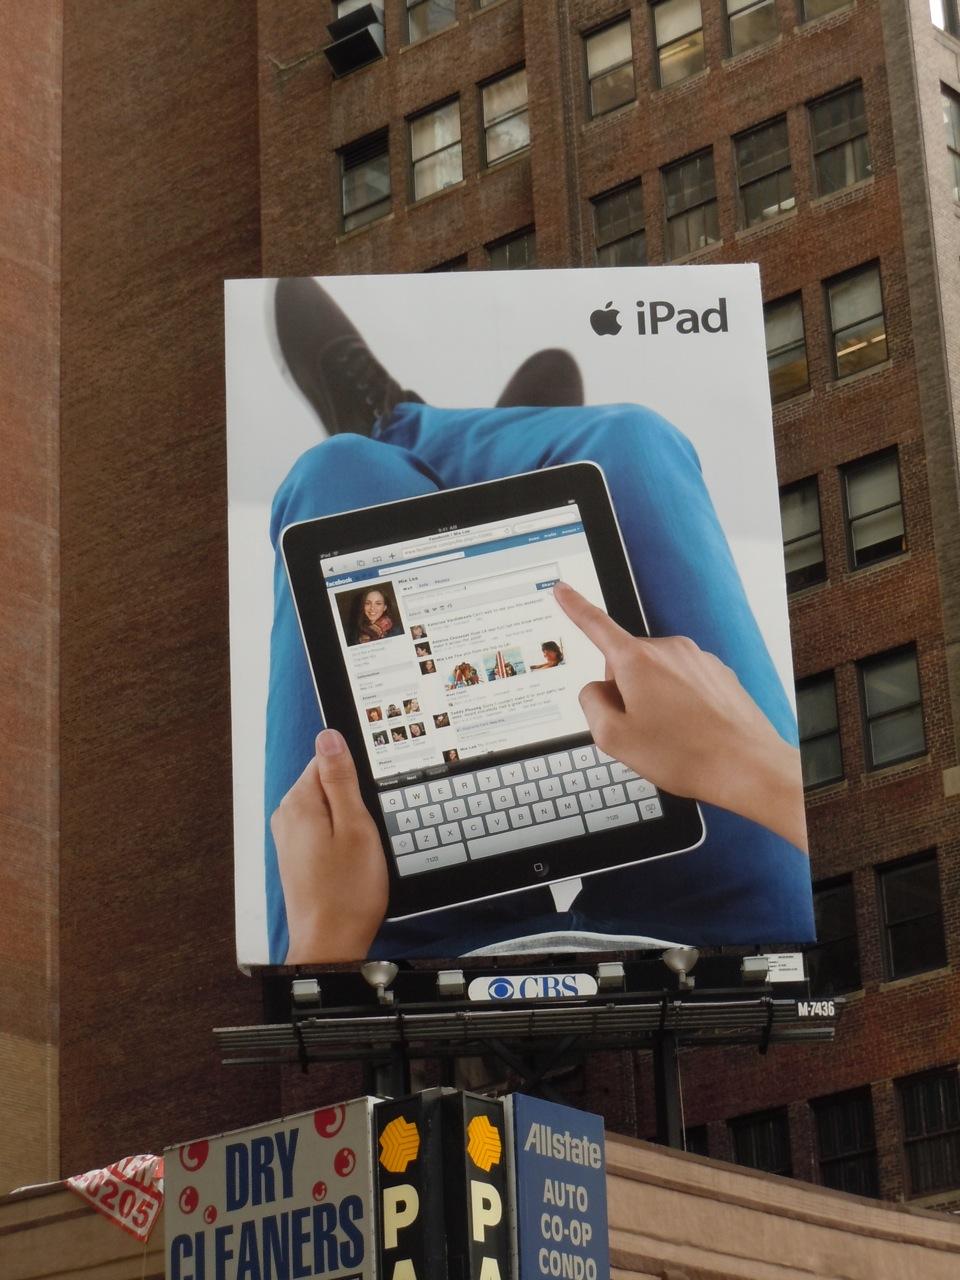 iPad-Billboard-2.jpg